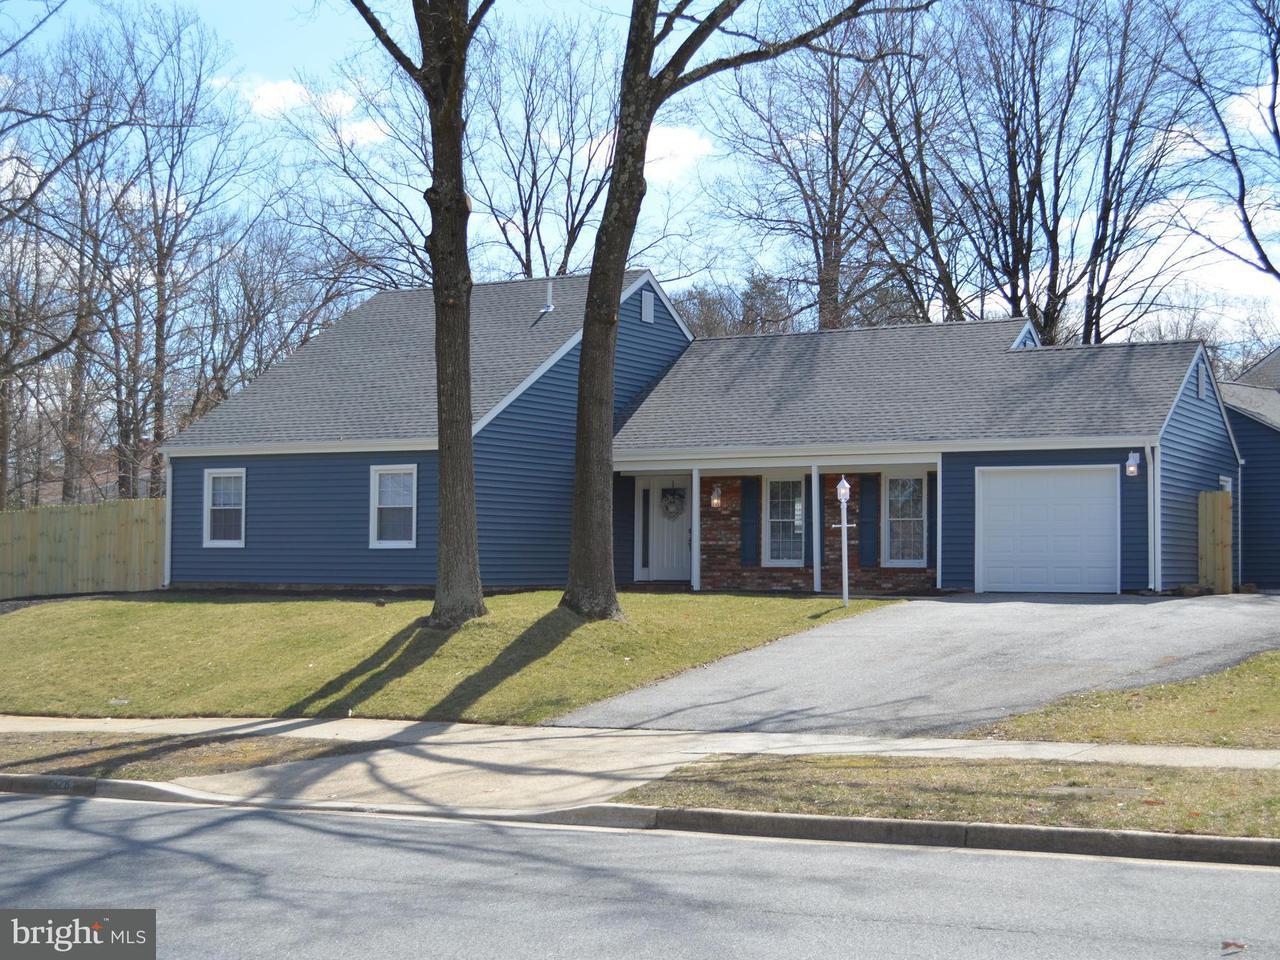 Einfamilienhaus für Verkauf beim 1828 Crofton Pkwy 1828 Crofton Pkwy Crofton, Maryland 21114 Vereinigte Staaten